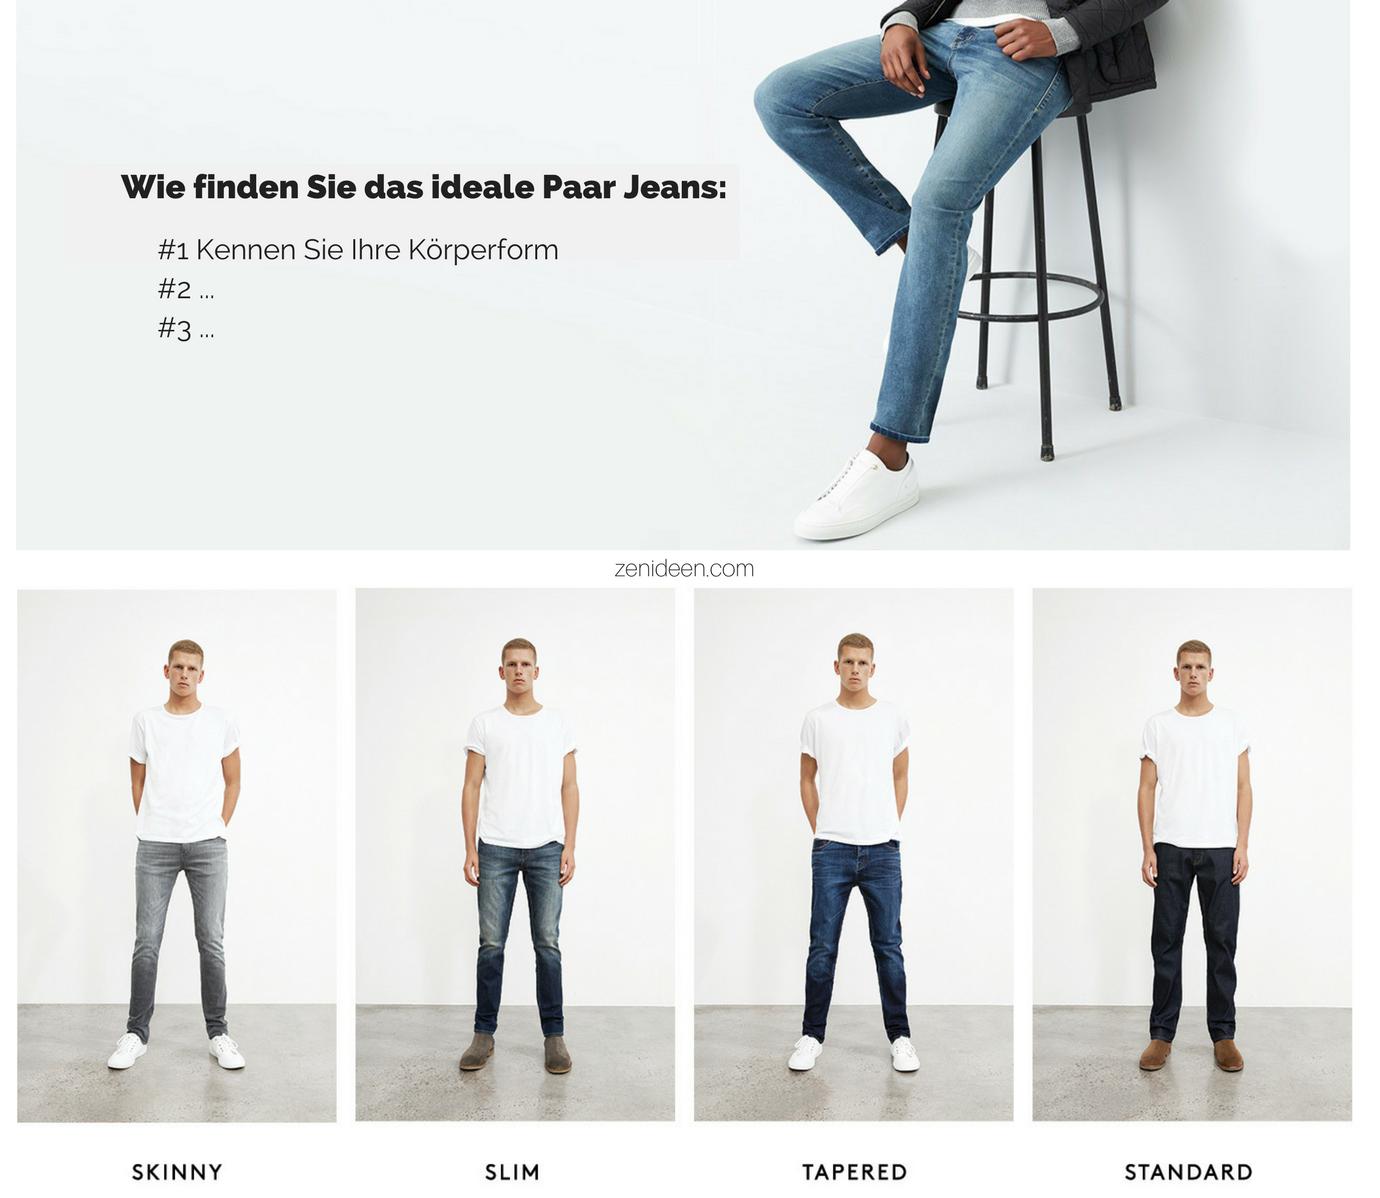 #1 Tipp: Wählen Sie solche Jeans, die zu Ihrer Körperform passen